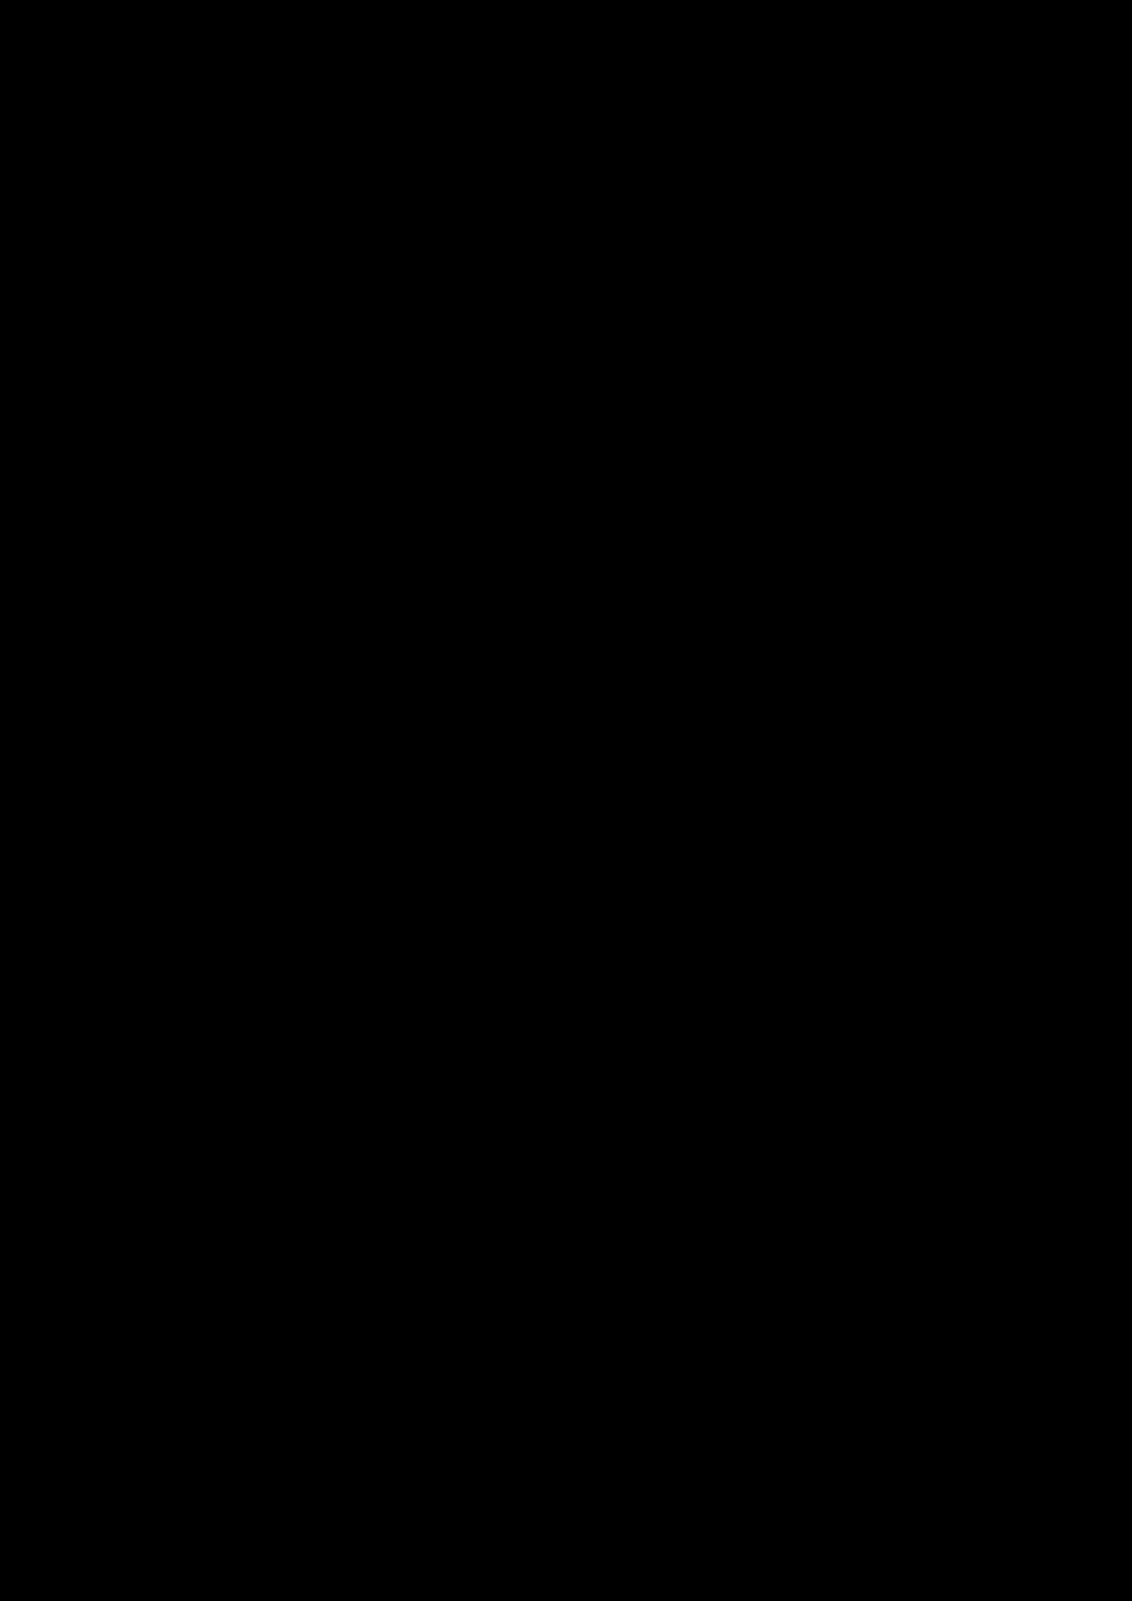 Prolog slide, Image 38